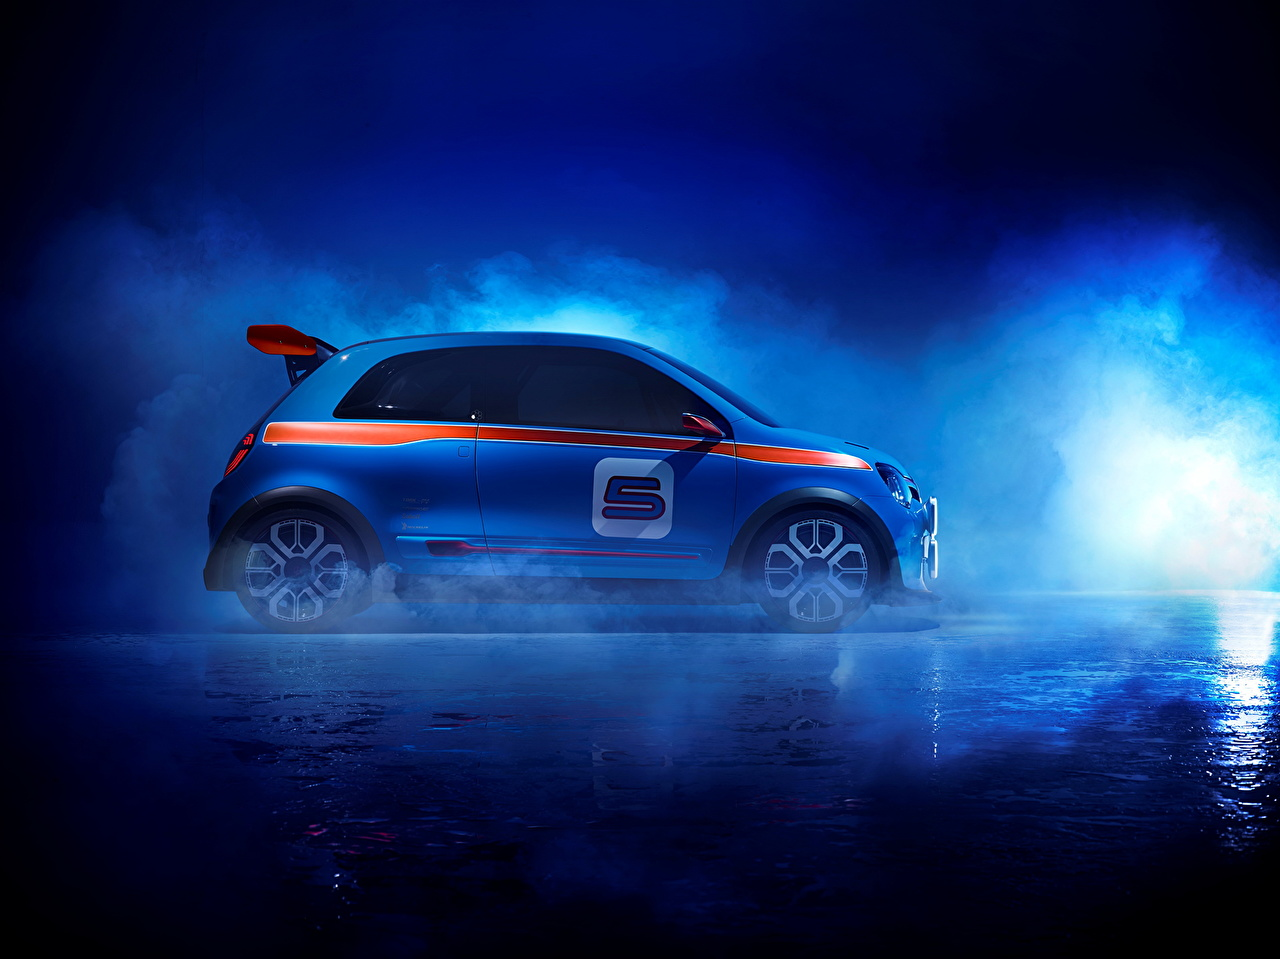 Фотография Renault 2013 TwinRun Синий Дым авто Сбоку Рено синих синие синяя дымит машина машины автомобиль Автомобили